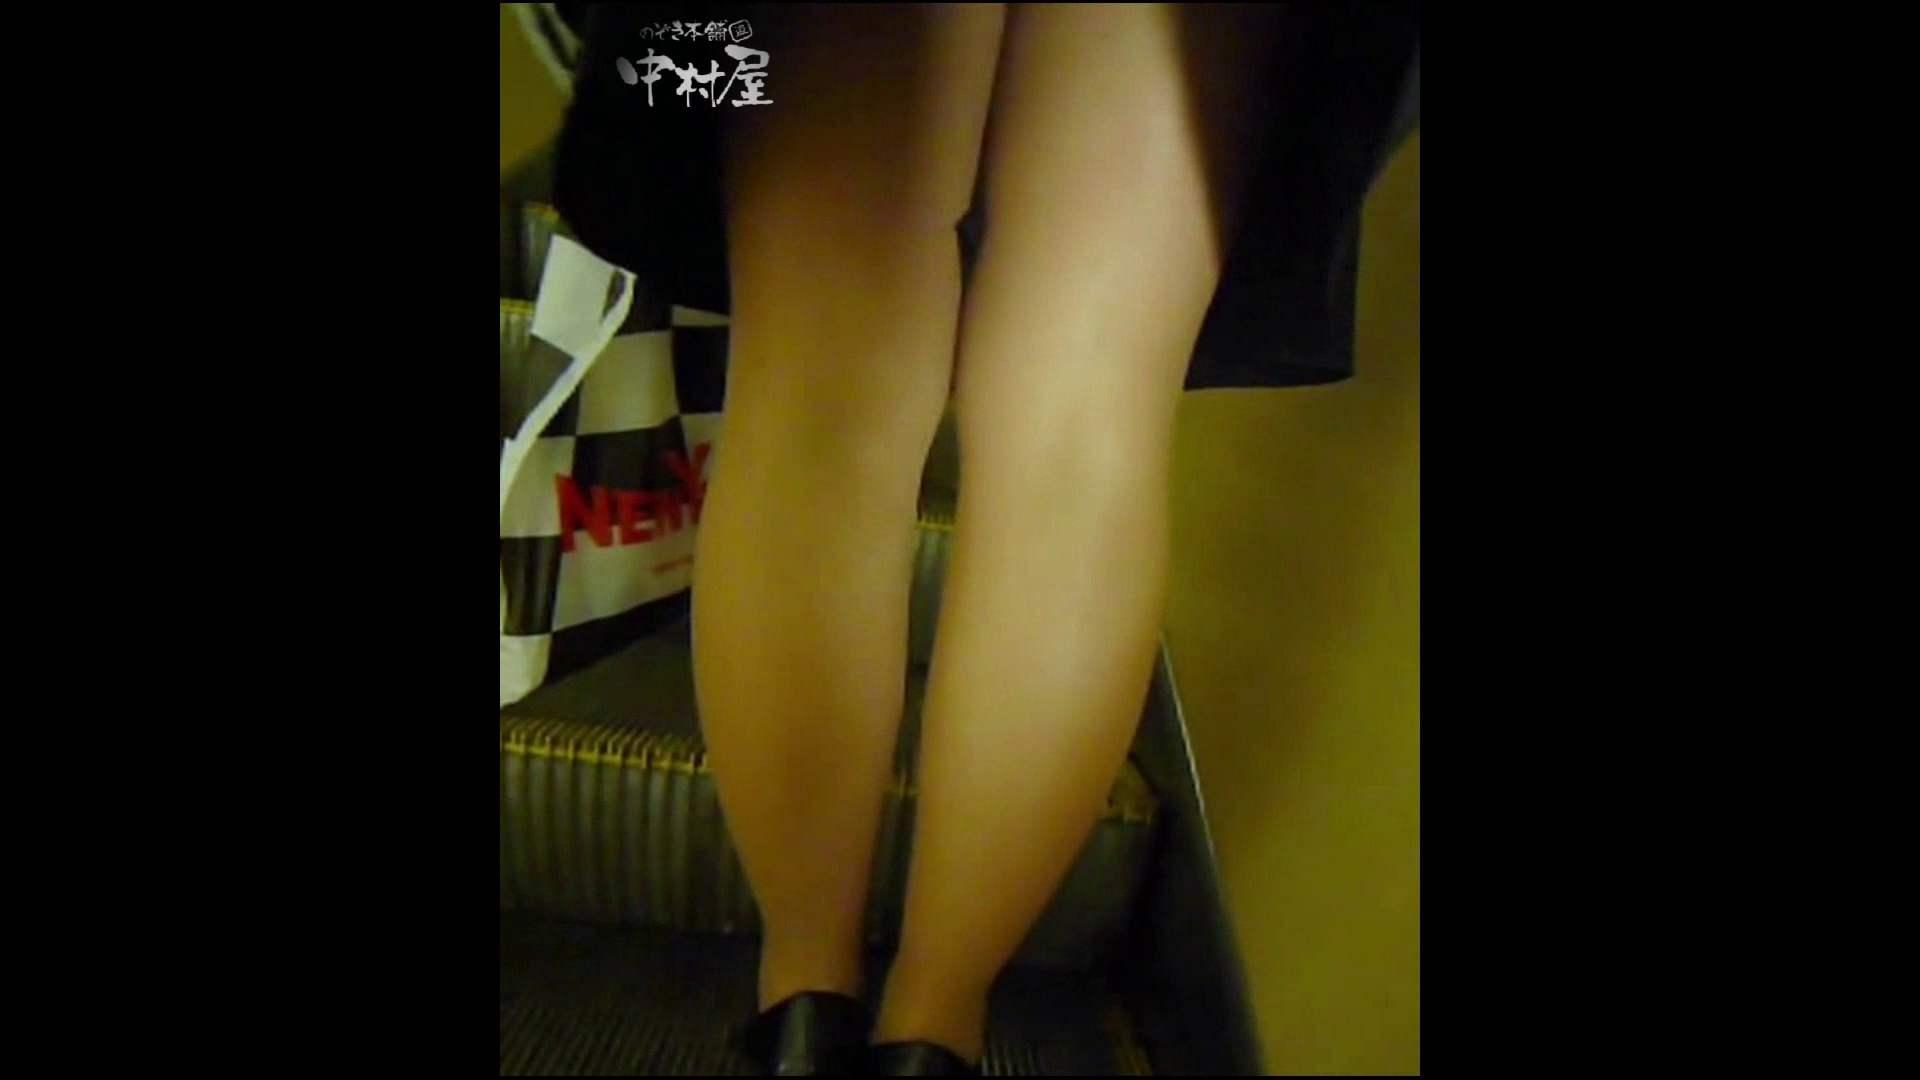 綺麗なモデルさんのスカート捲っちゃおう‼ vol28 エロいお姉さん   0  10枚 7